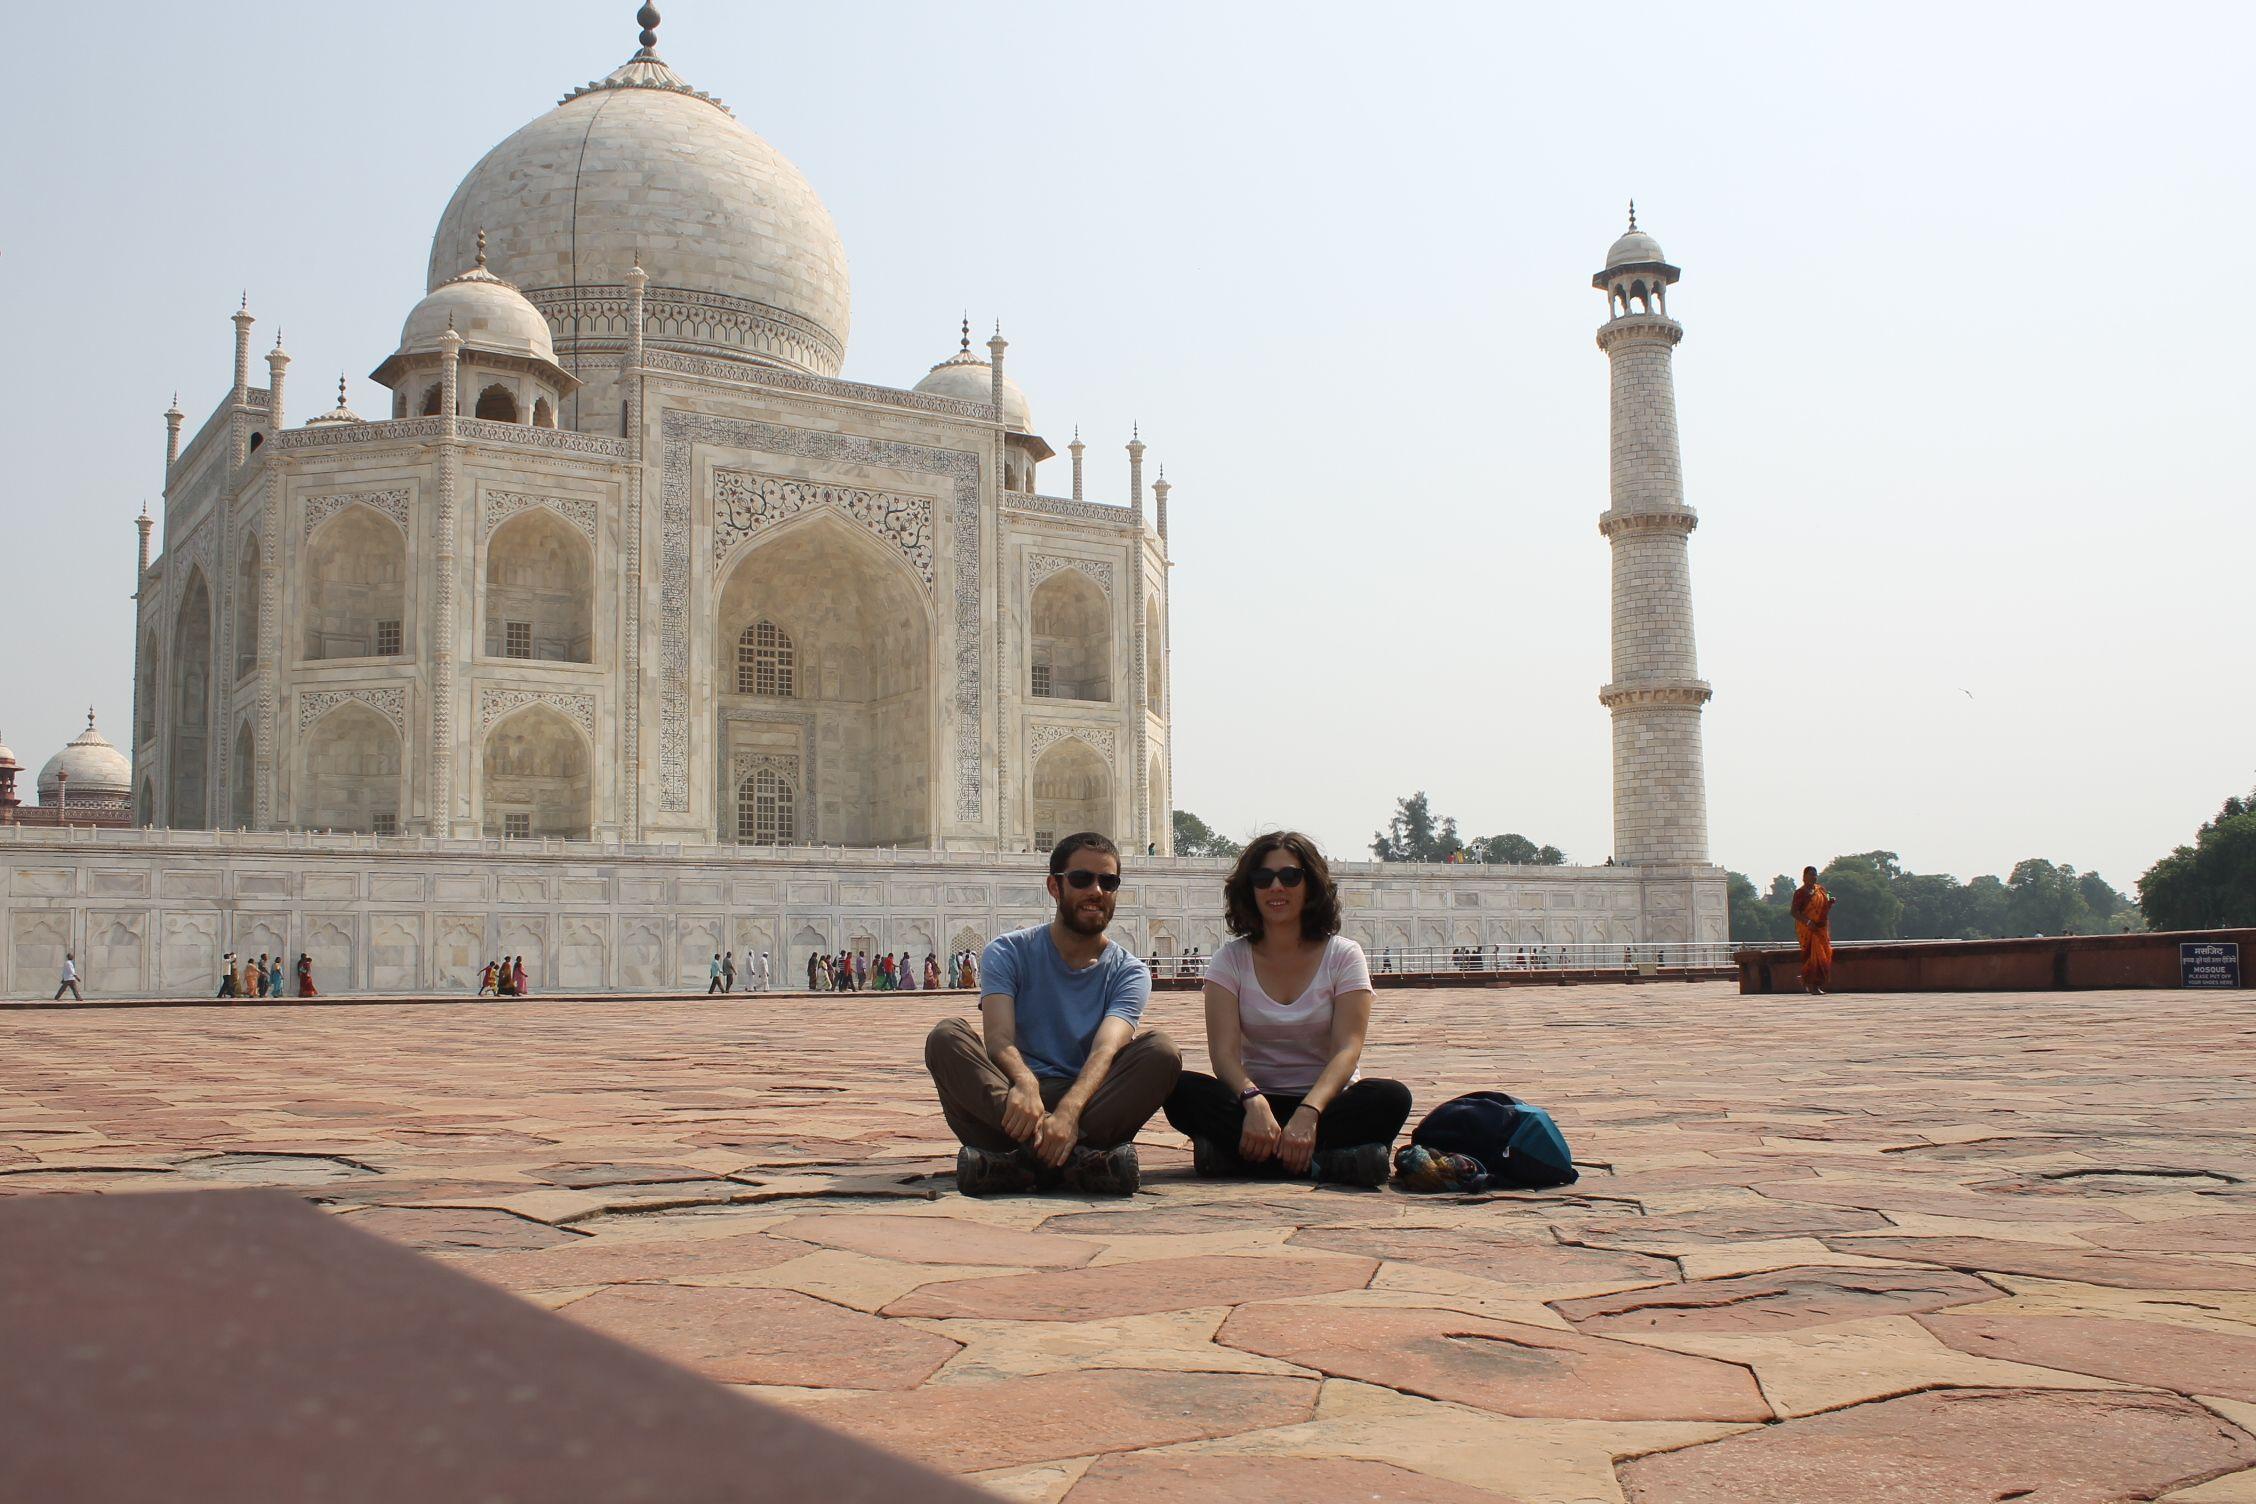 Sentados frente al Taj Mahal